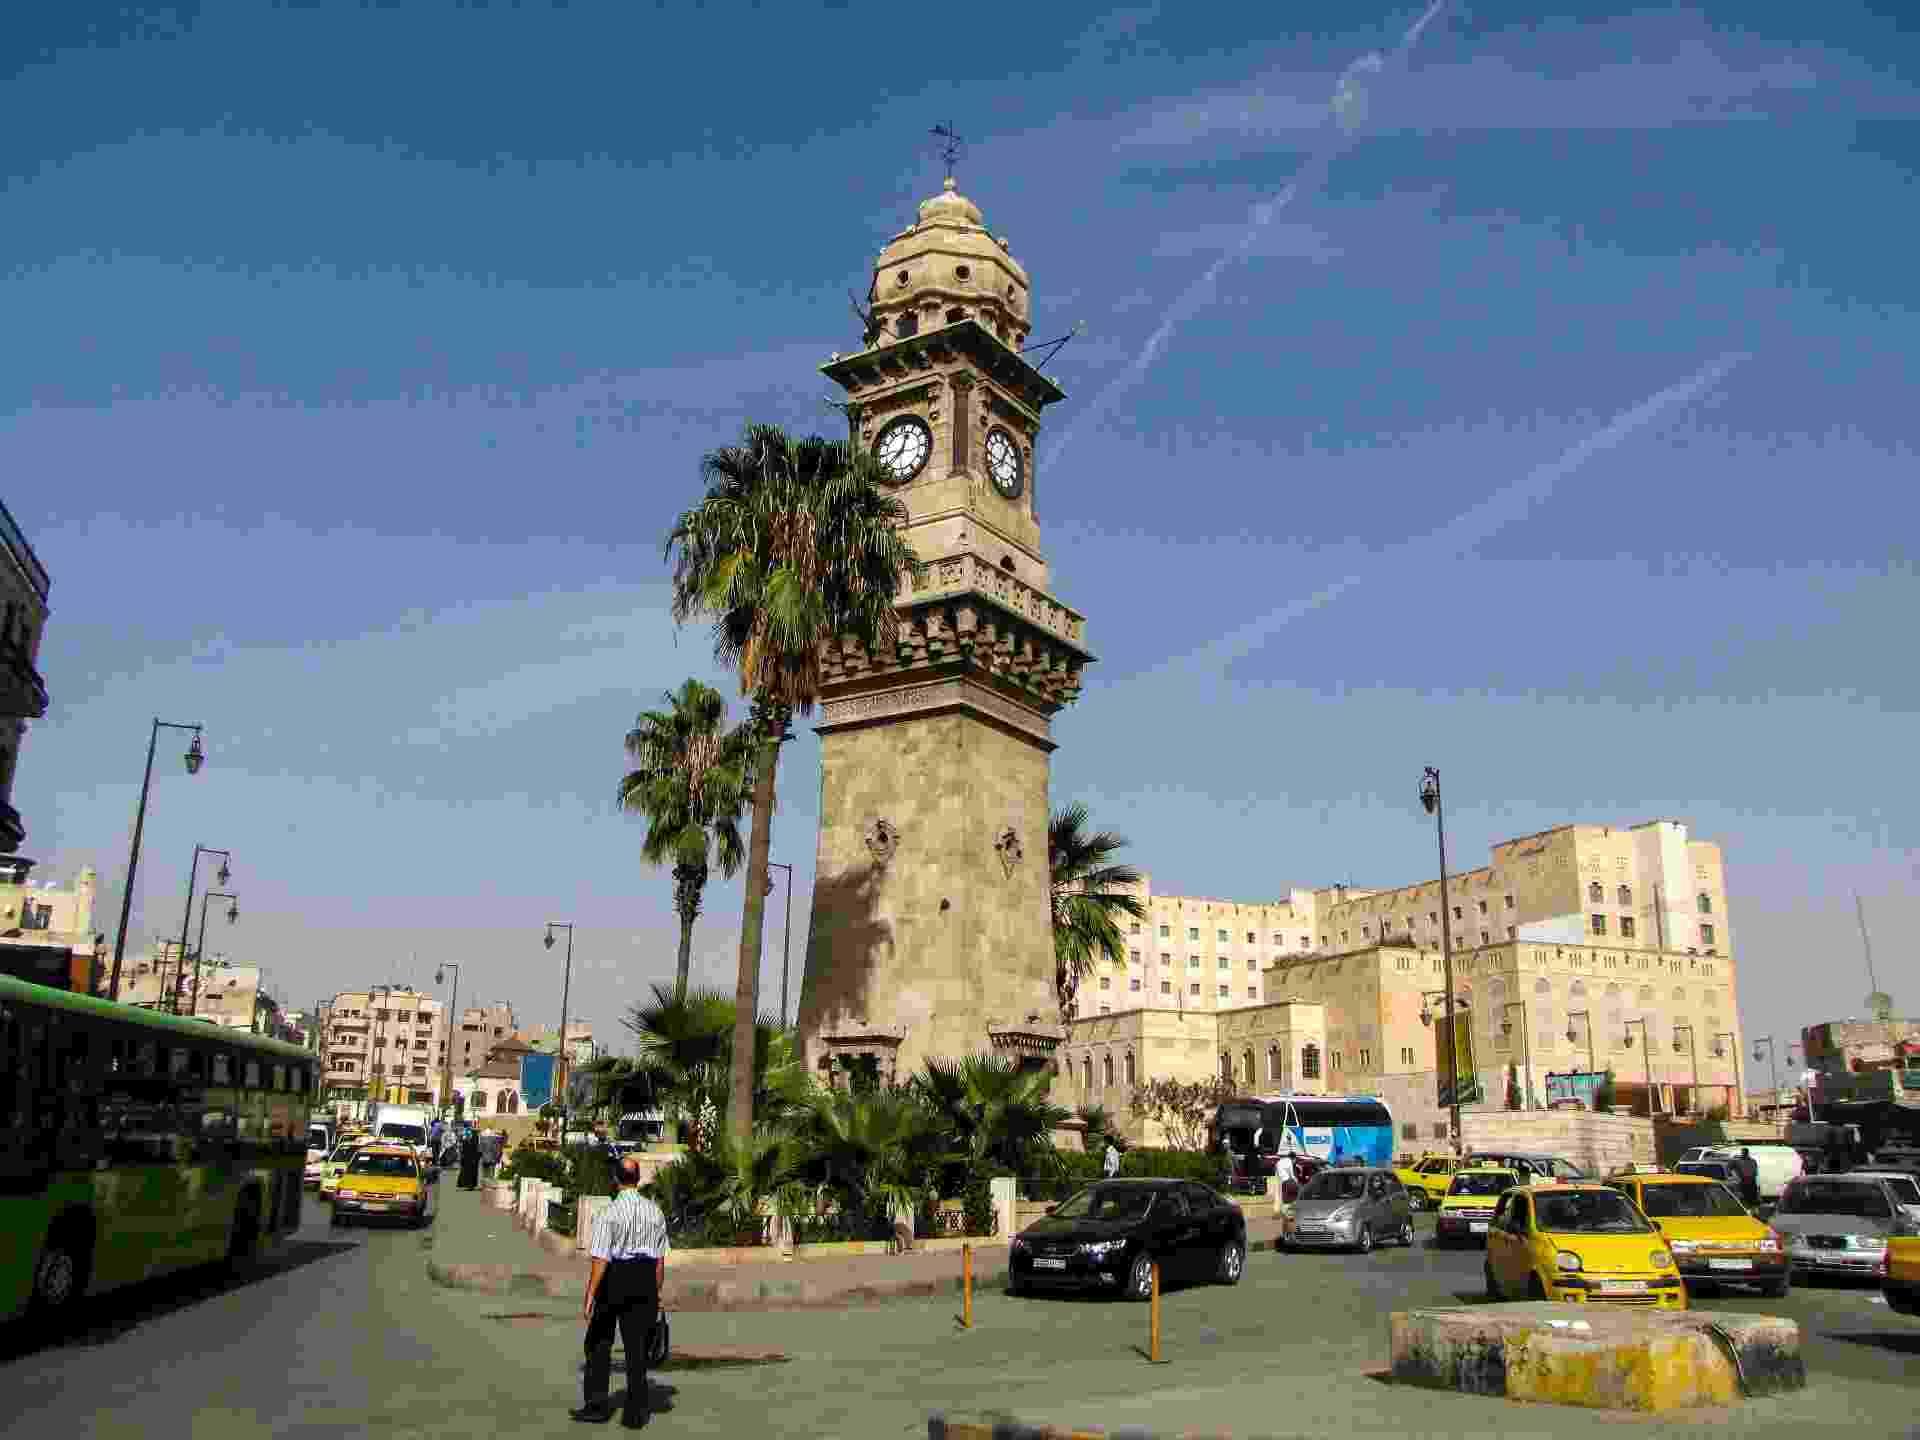 Veículos transitam ao redor da famosa ?Torre do Relógio? em rua movimentada de Aleppo - Solly Boussidan/UOL